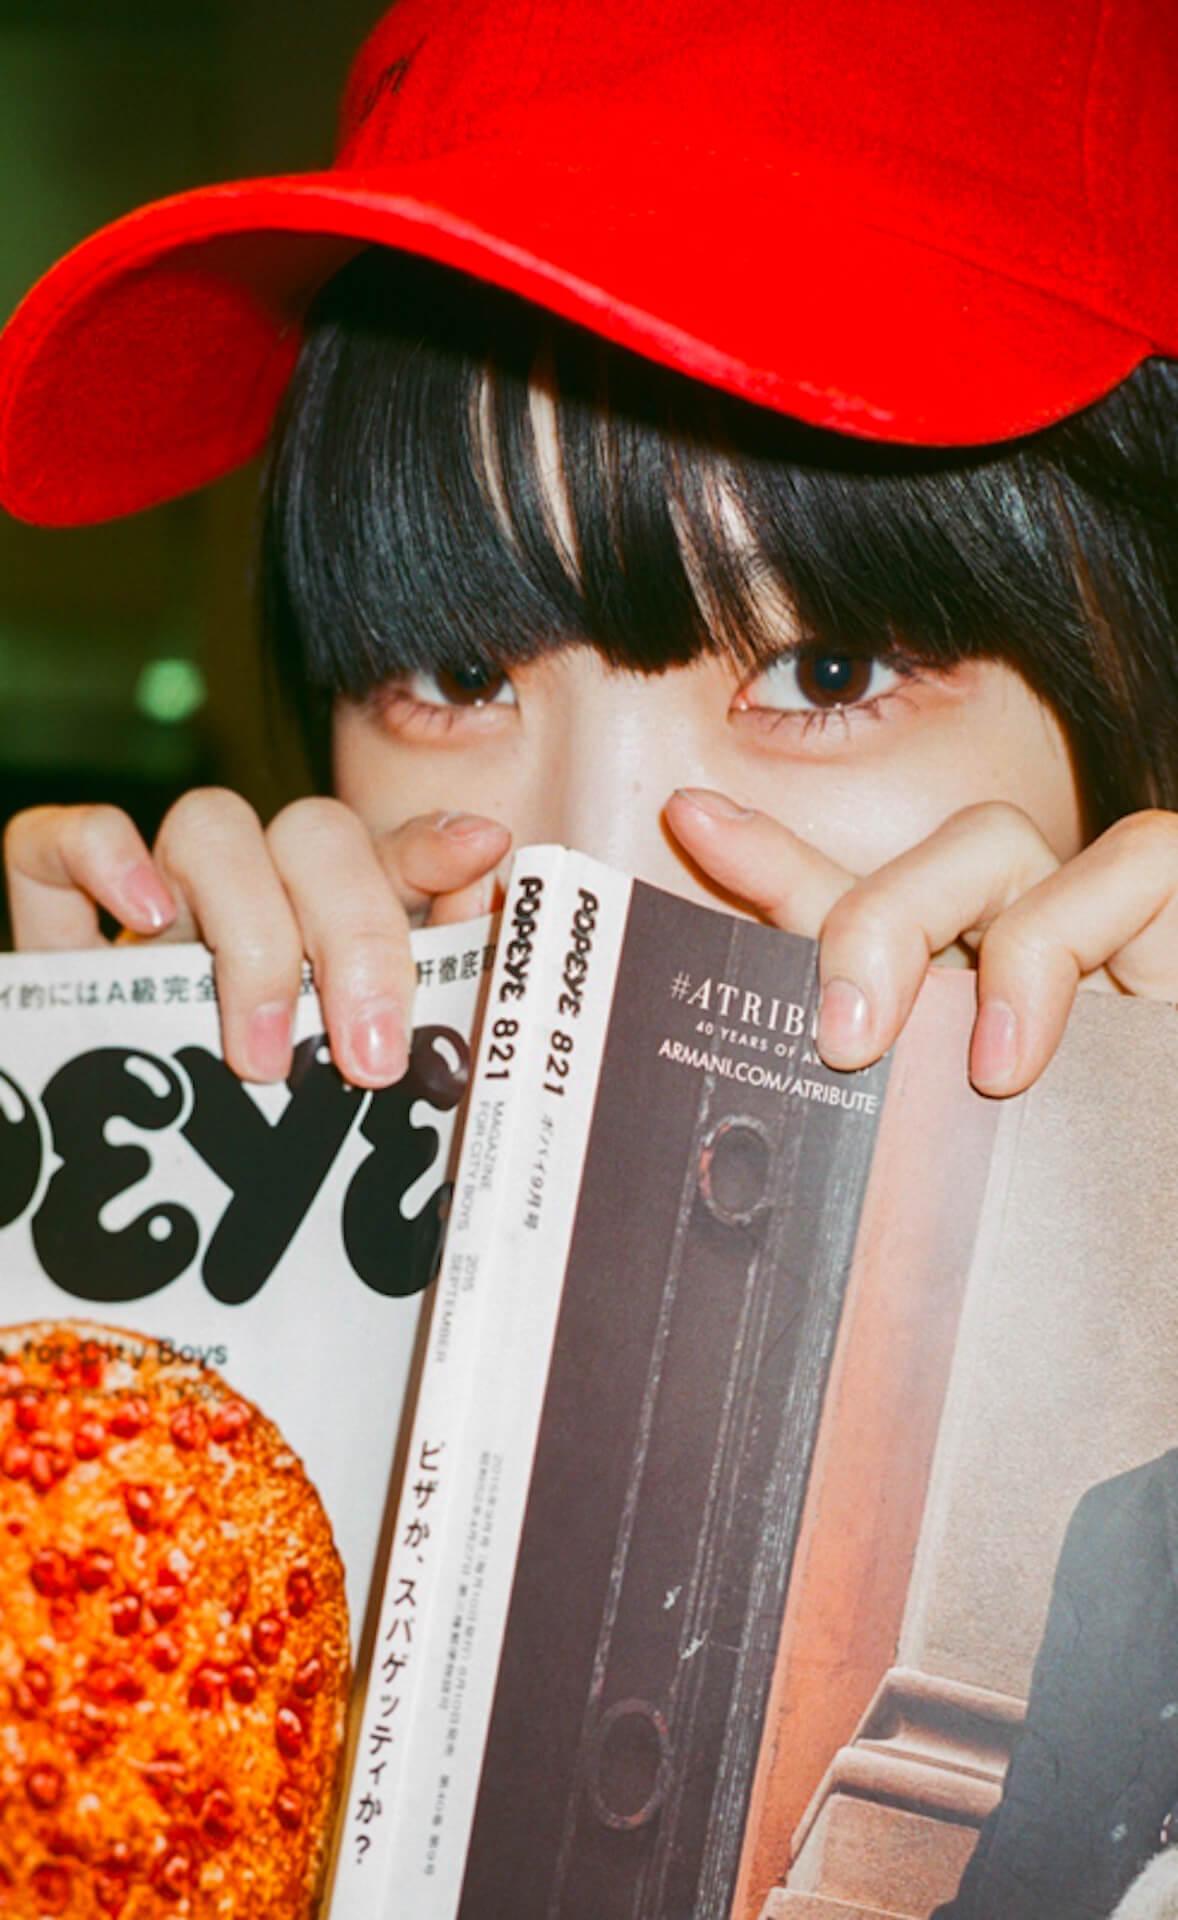 コウキシン女子の初体験vol.13老月ミカ:O 代官山 / NEW NEW YORK CLUB pickup190228_koukishinjyoshi_26